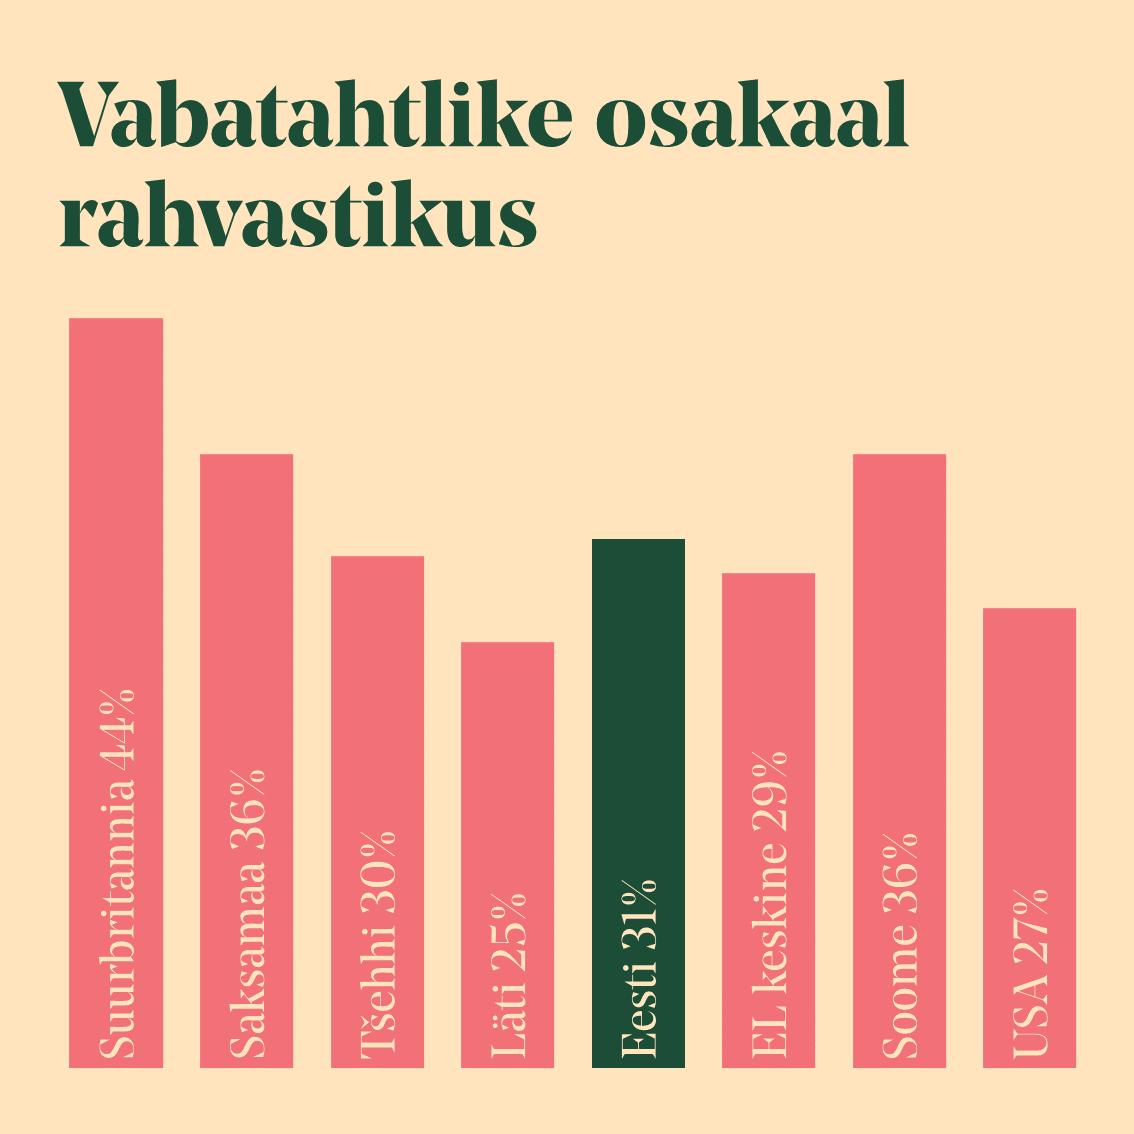 """Allikas: võrdlus tugineb uuringute """"Volunteering in the European Union"""" ja """"Youth on the Move"""" andmetele, v.a Eesti, mille puhul on kasutatud Praxis, 2013. aasta uuringu andmeid"""